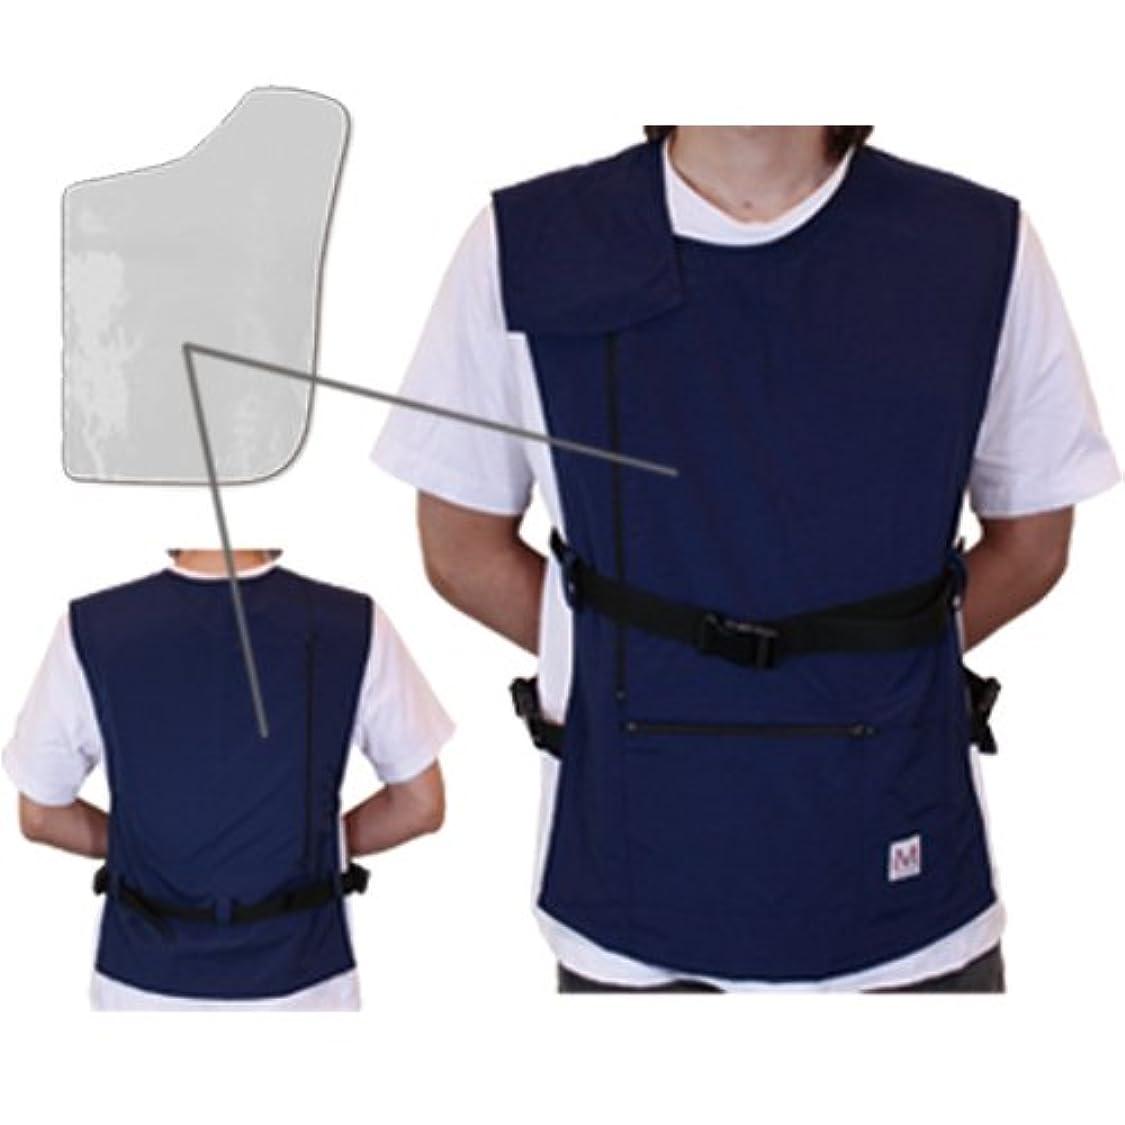 発行委託バーストペースメーカ?ICD電磁波防護服「MGワークベスト左胸用(カーキー)2年間品質保証